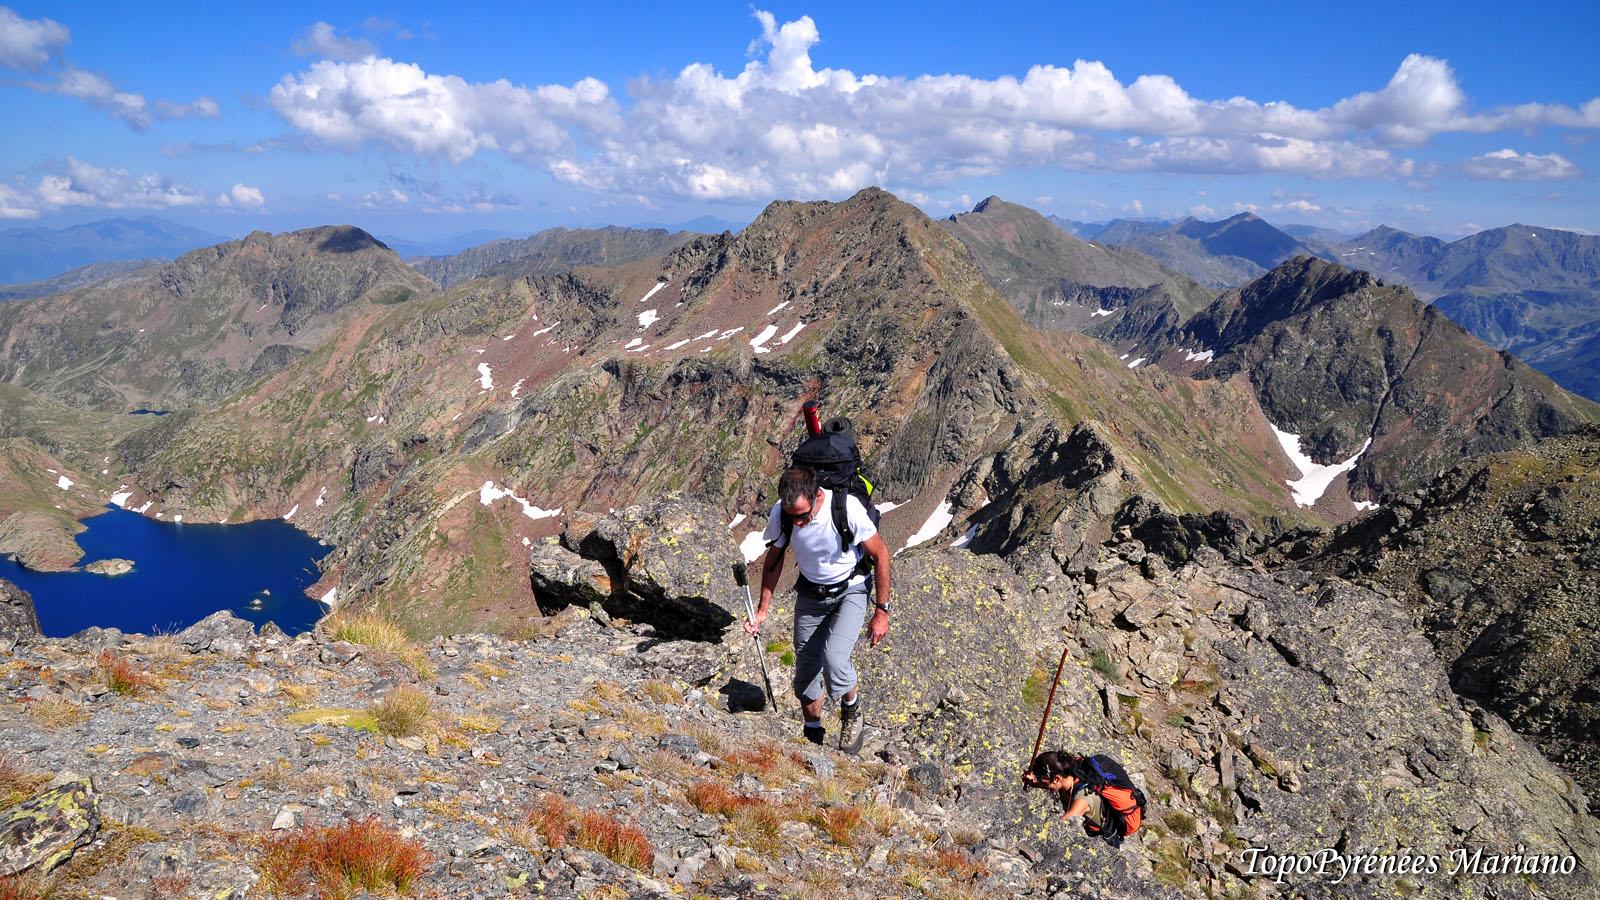 Randonnée Pic de Malcaras (2865m) et Pic de l'Etang Fourcat (2859m)